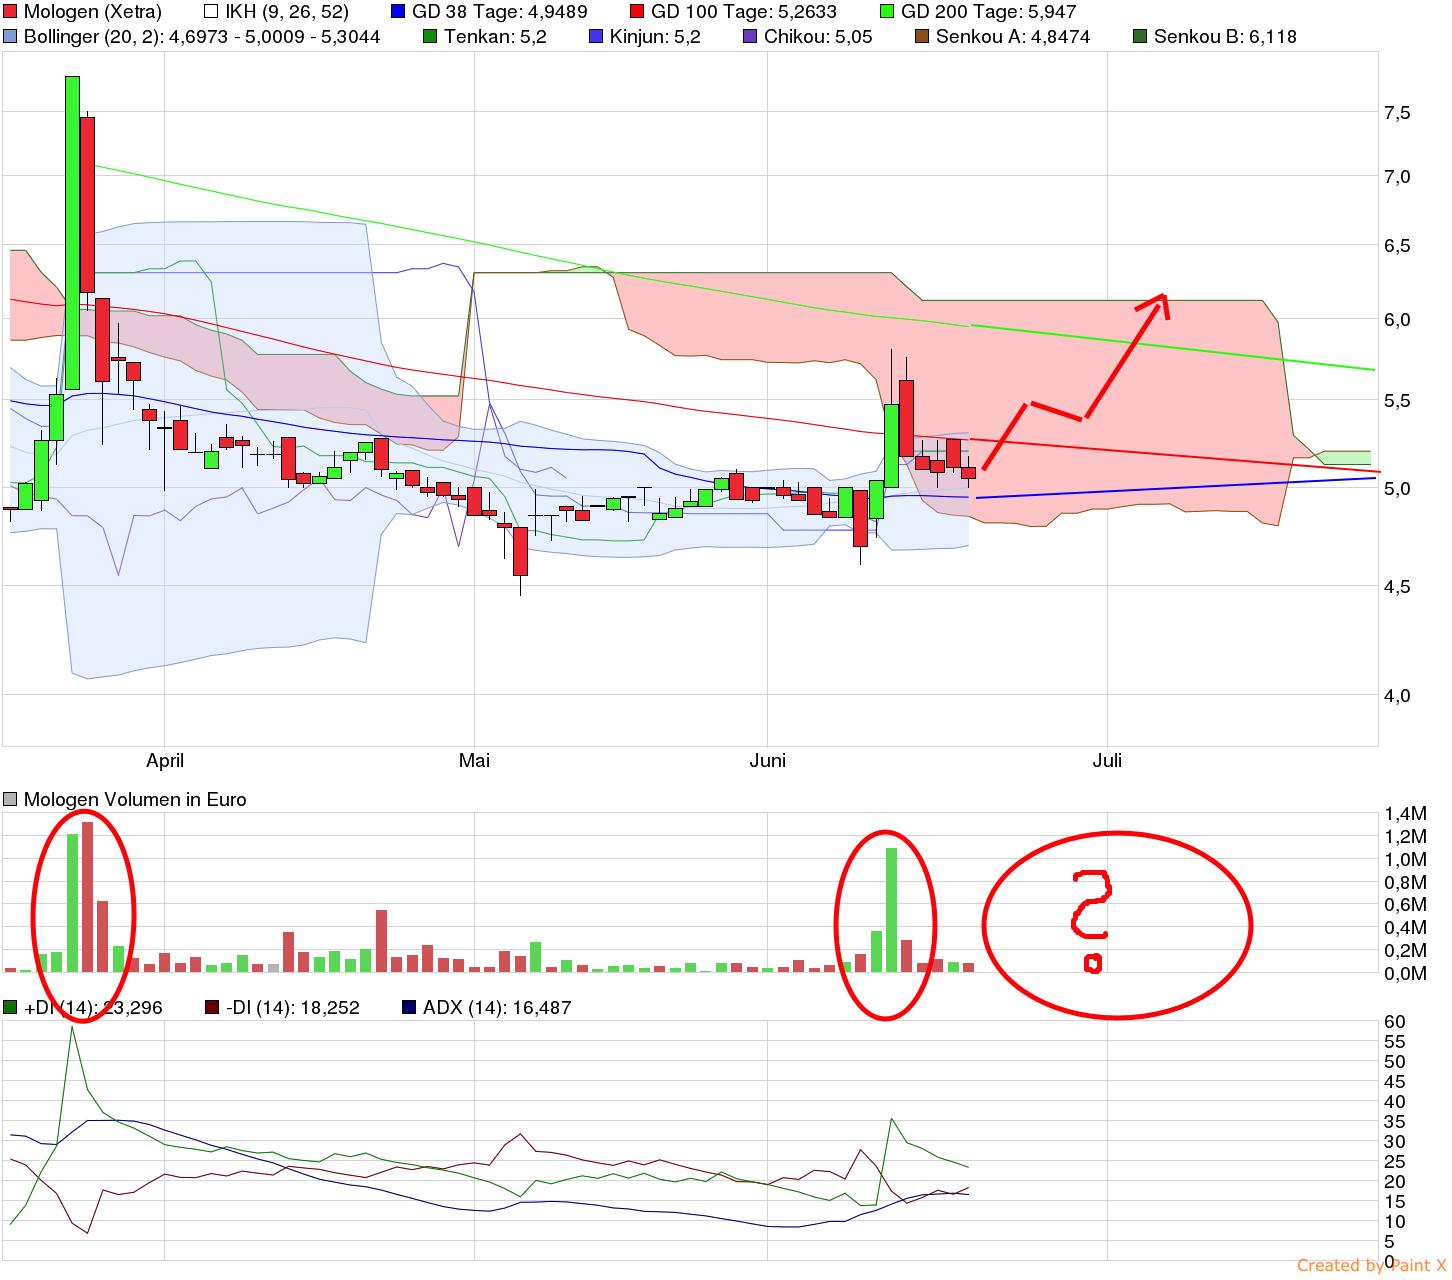 chart_quarter_mologen.png